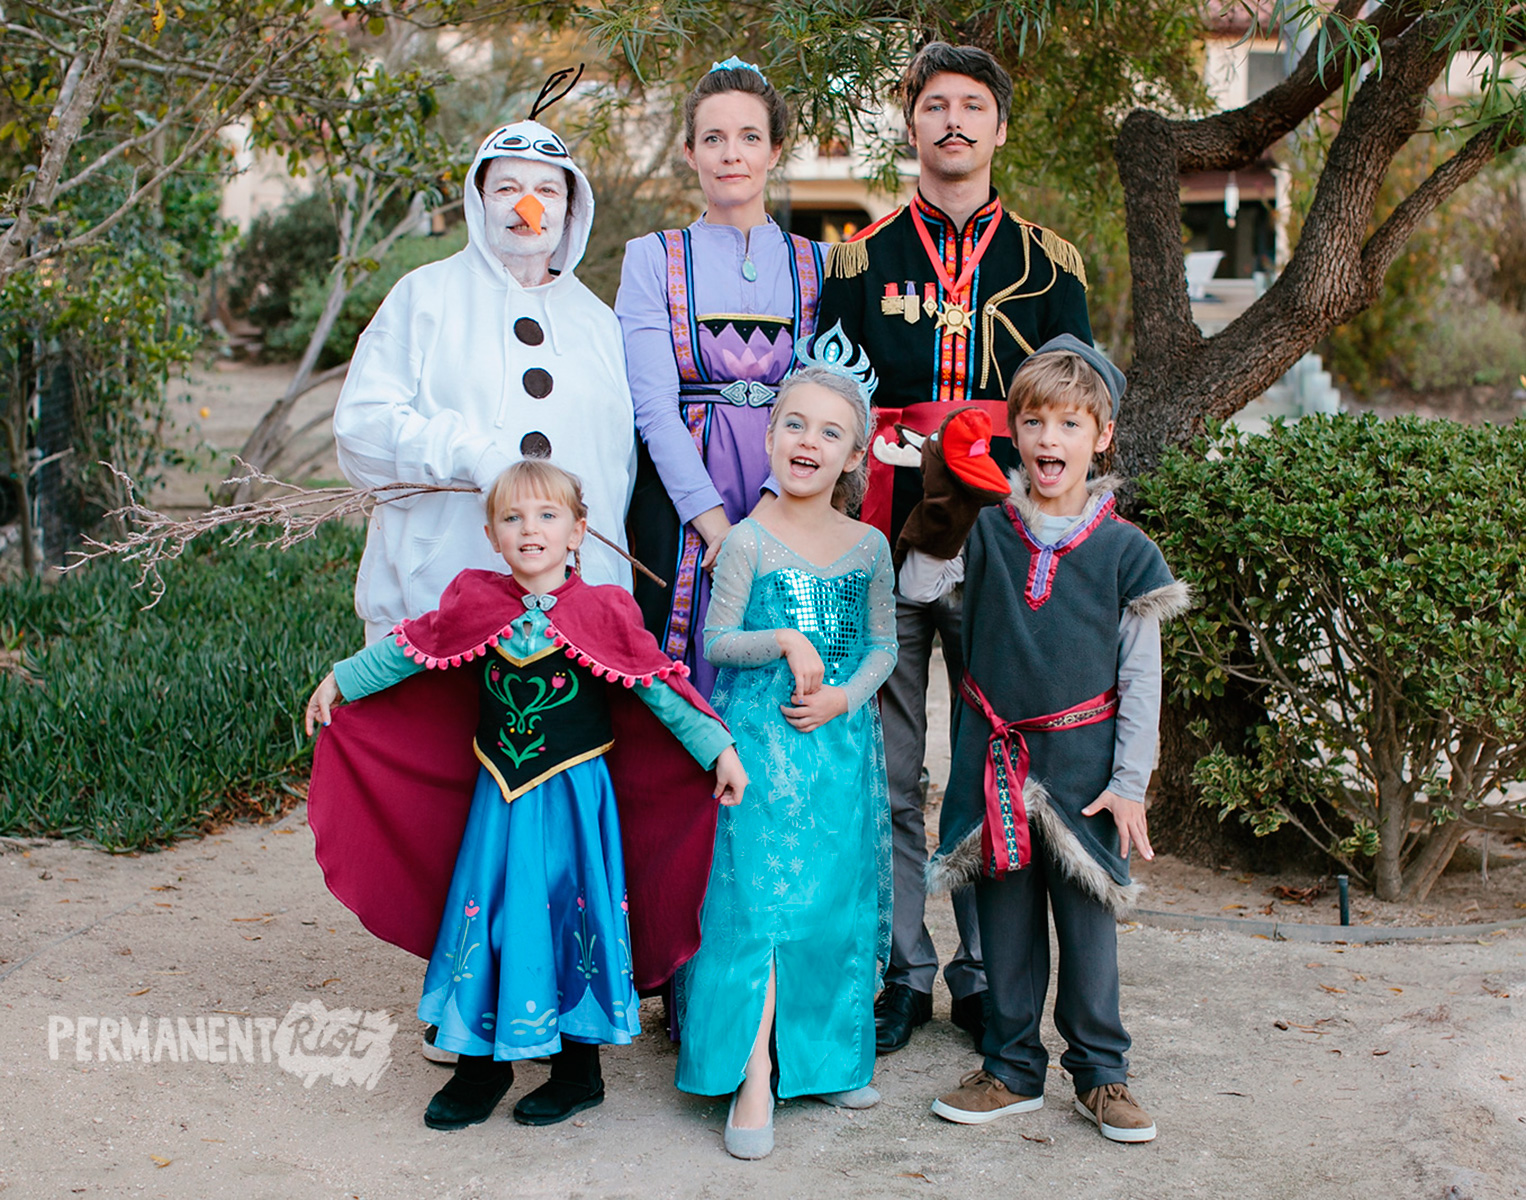 Frozen family halloween costumes u2013 Anna Elsa u0026 Kristoff u2013 Permanent Riot  sc 1 st  Permanent Riot & Frozen family halloween costumes u2013 Anna Elsa u0026 Kristoff u2013 Permanent ...